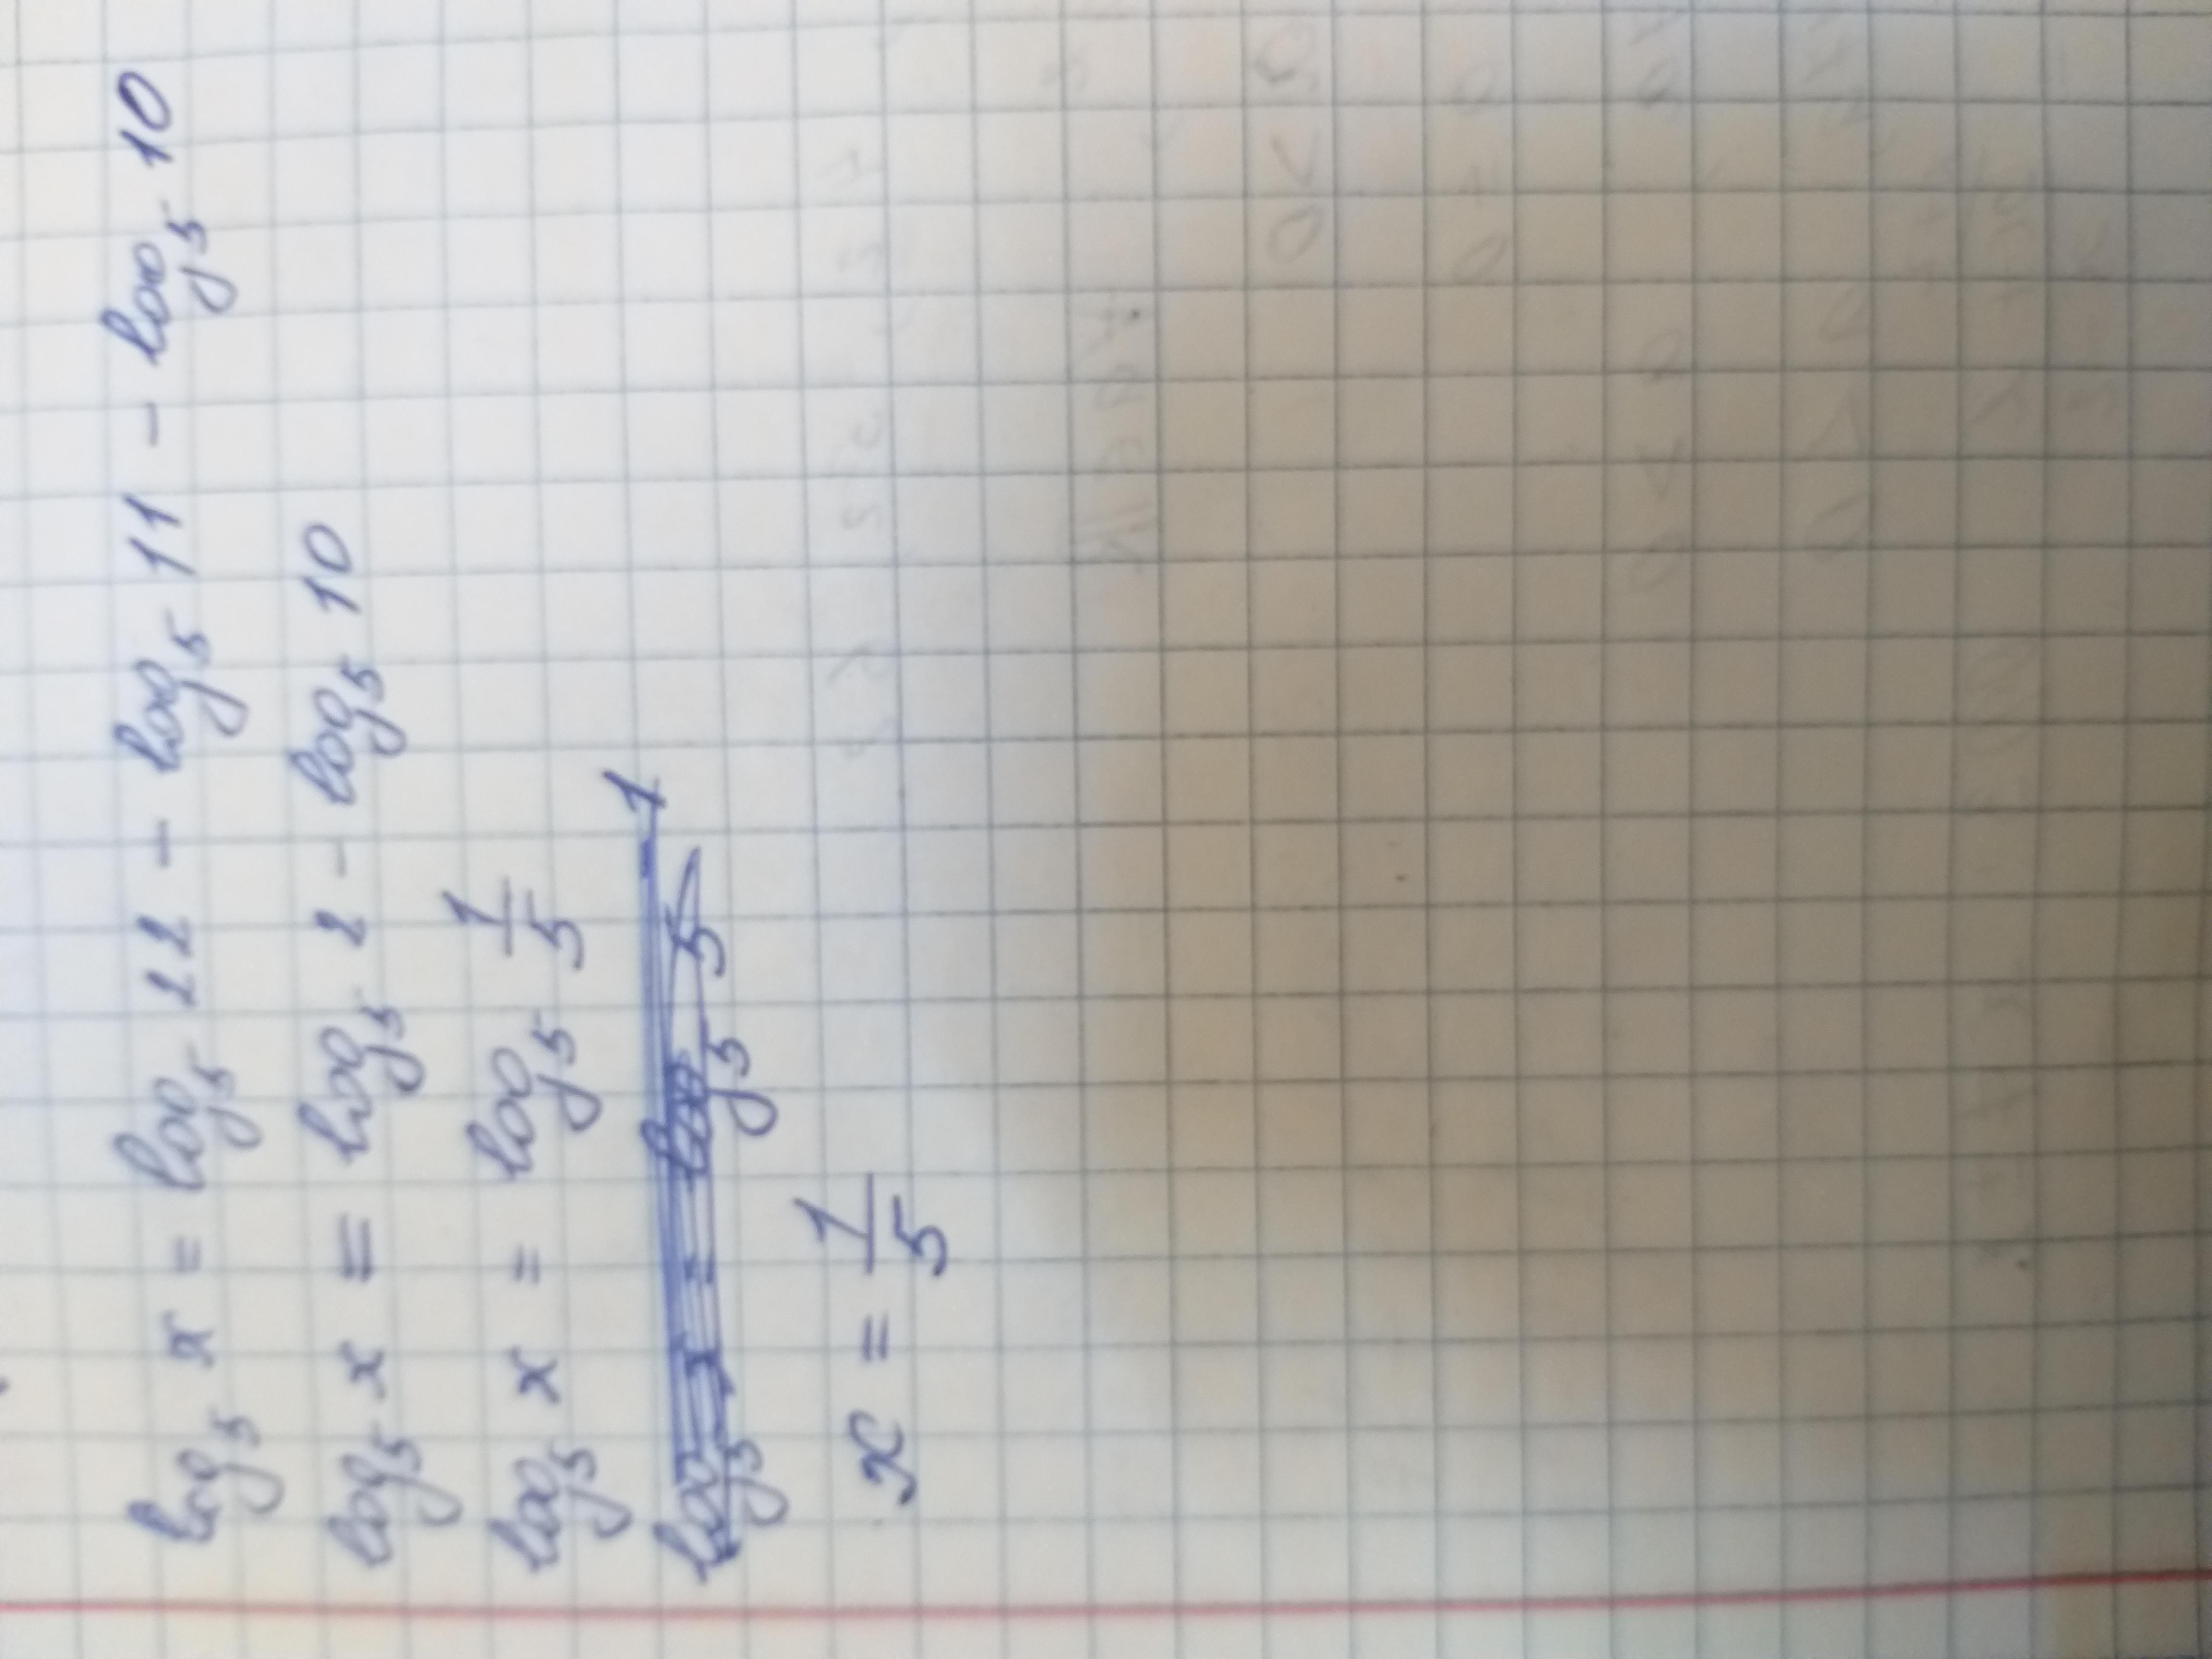 Найти х: log5x=log5 22-log5 11-log5 10